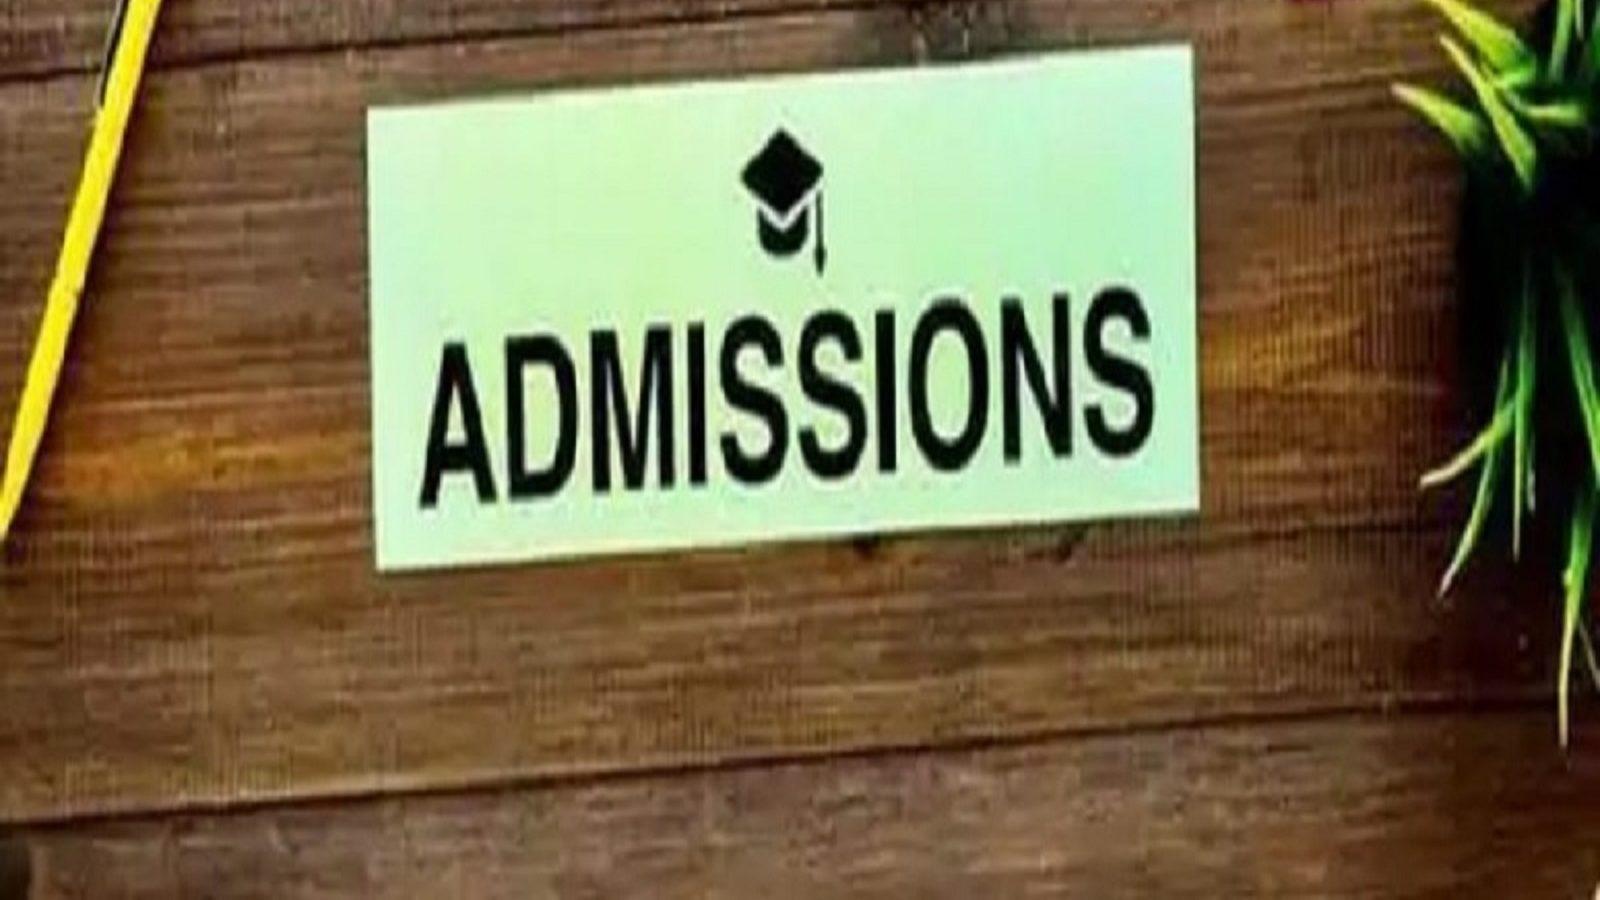 College admission: मध्य प्रदेश के कॉलेजों में दाखिले के लिए काउंसलिंग लिस्ट जारी